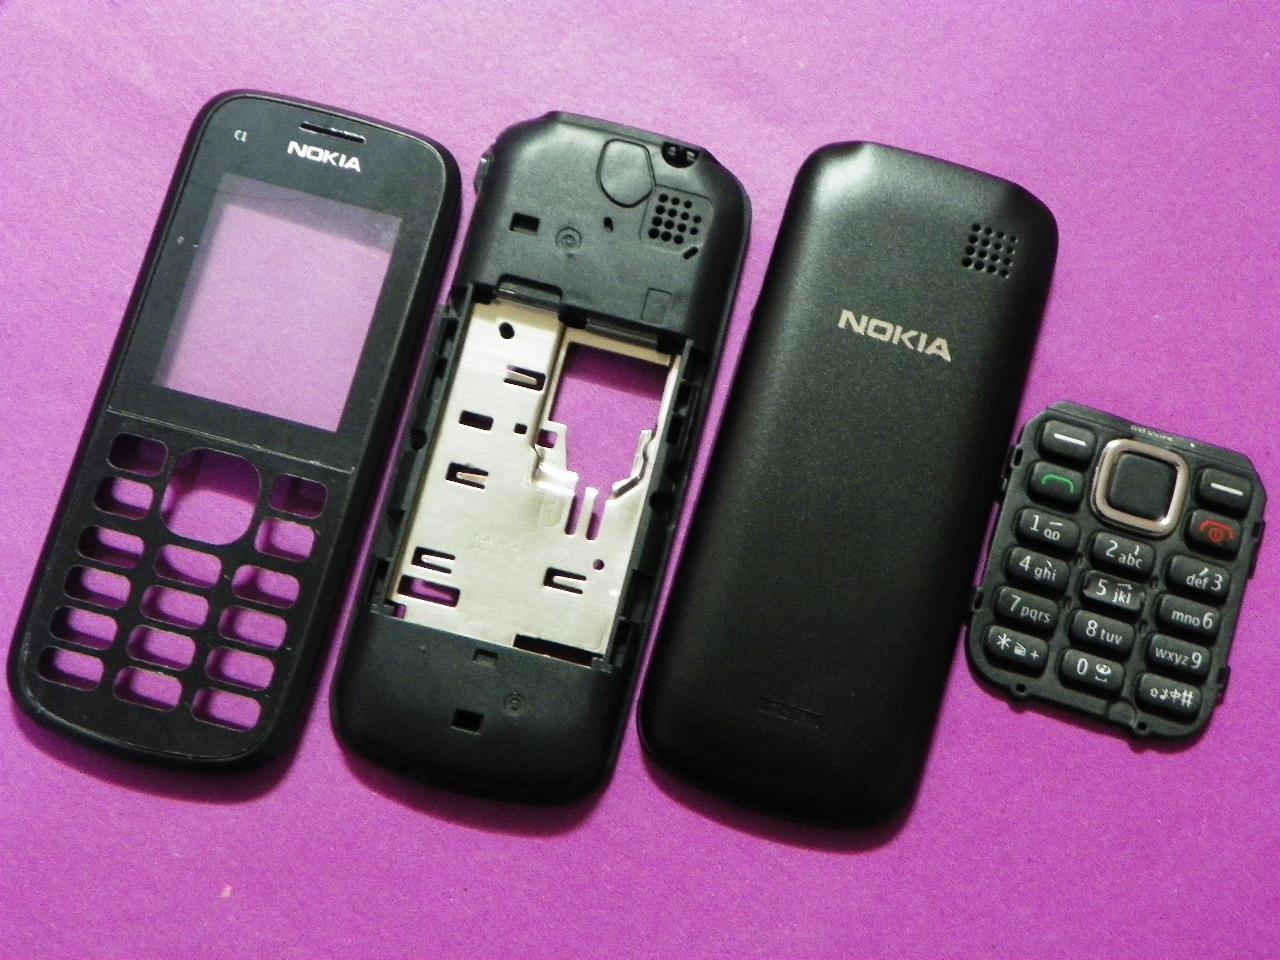 诺基亚920待机_诺基亚C1-02机壳 NOKIA C1-02外壳 C1-02 手机外壳 带按键 带工具